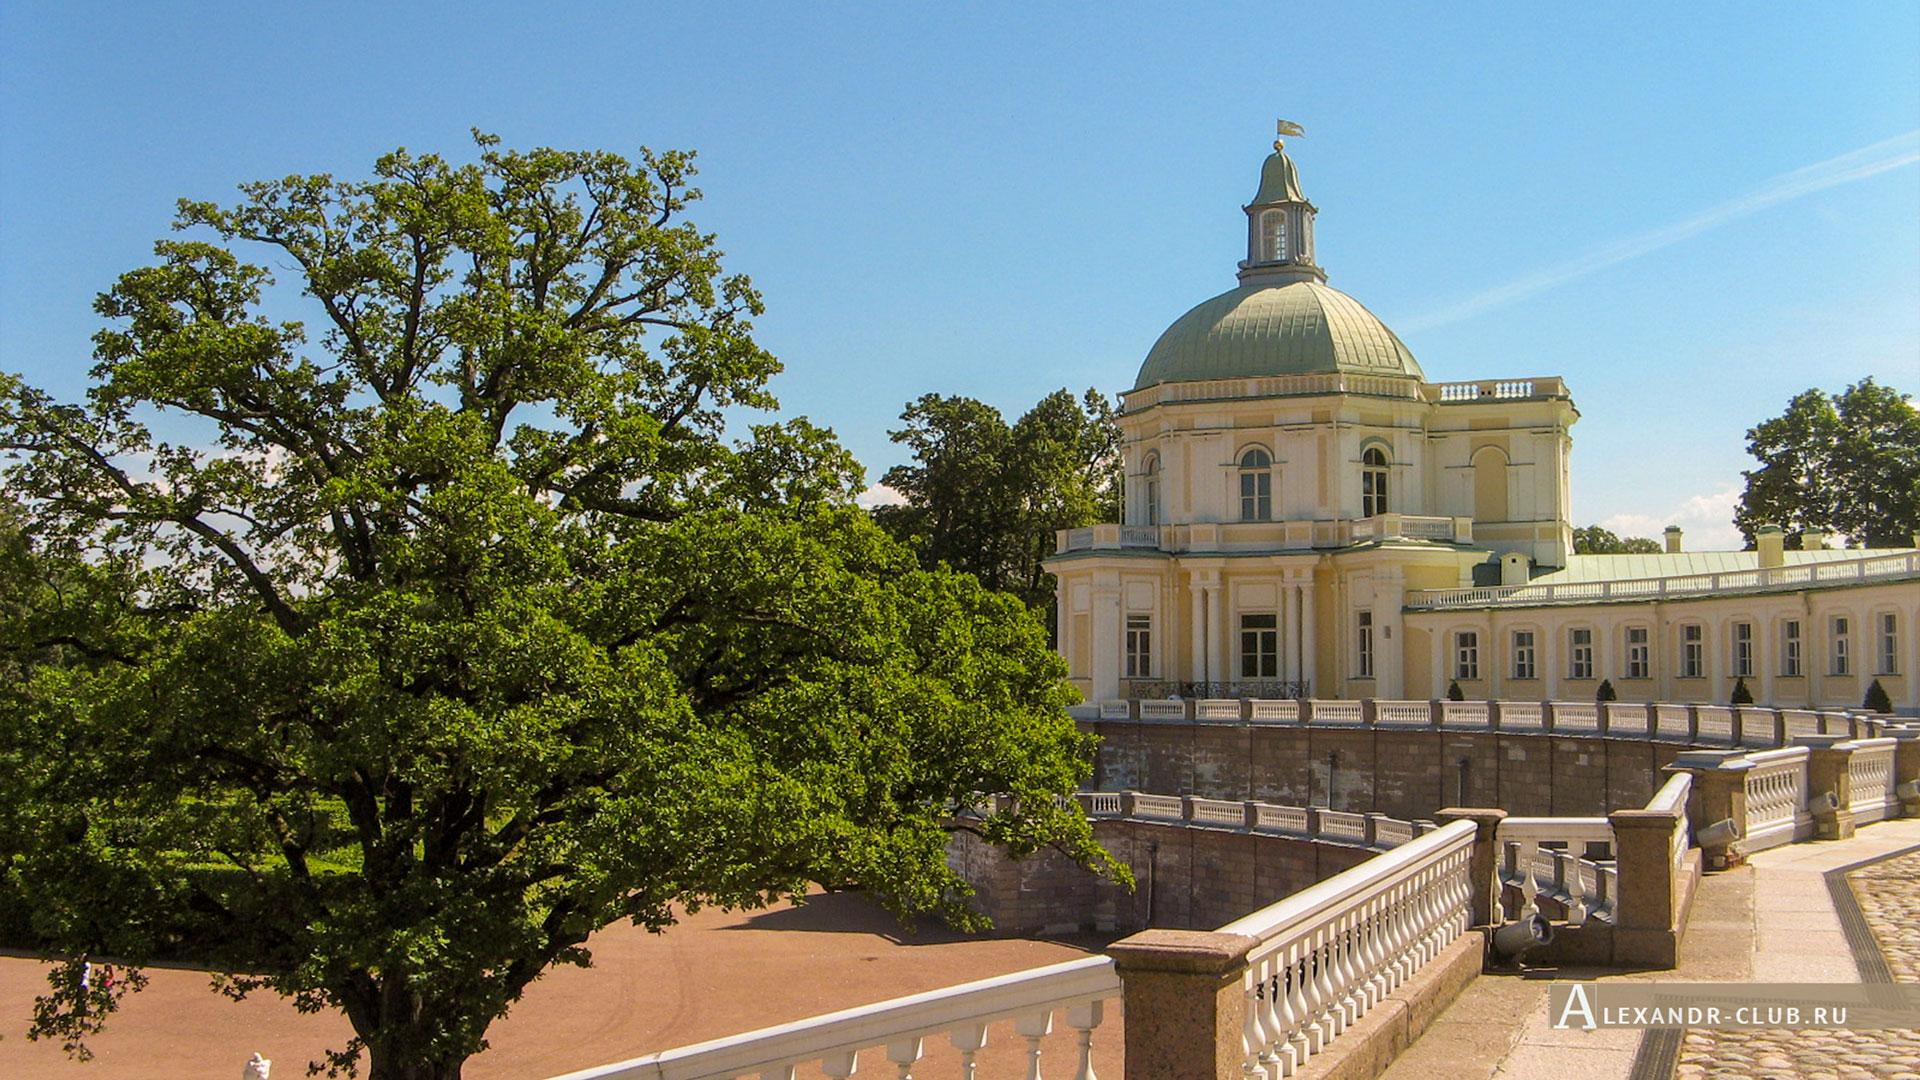 Ораниенбаум, лето, Большой Меншиковский дворец, Японский павильон